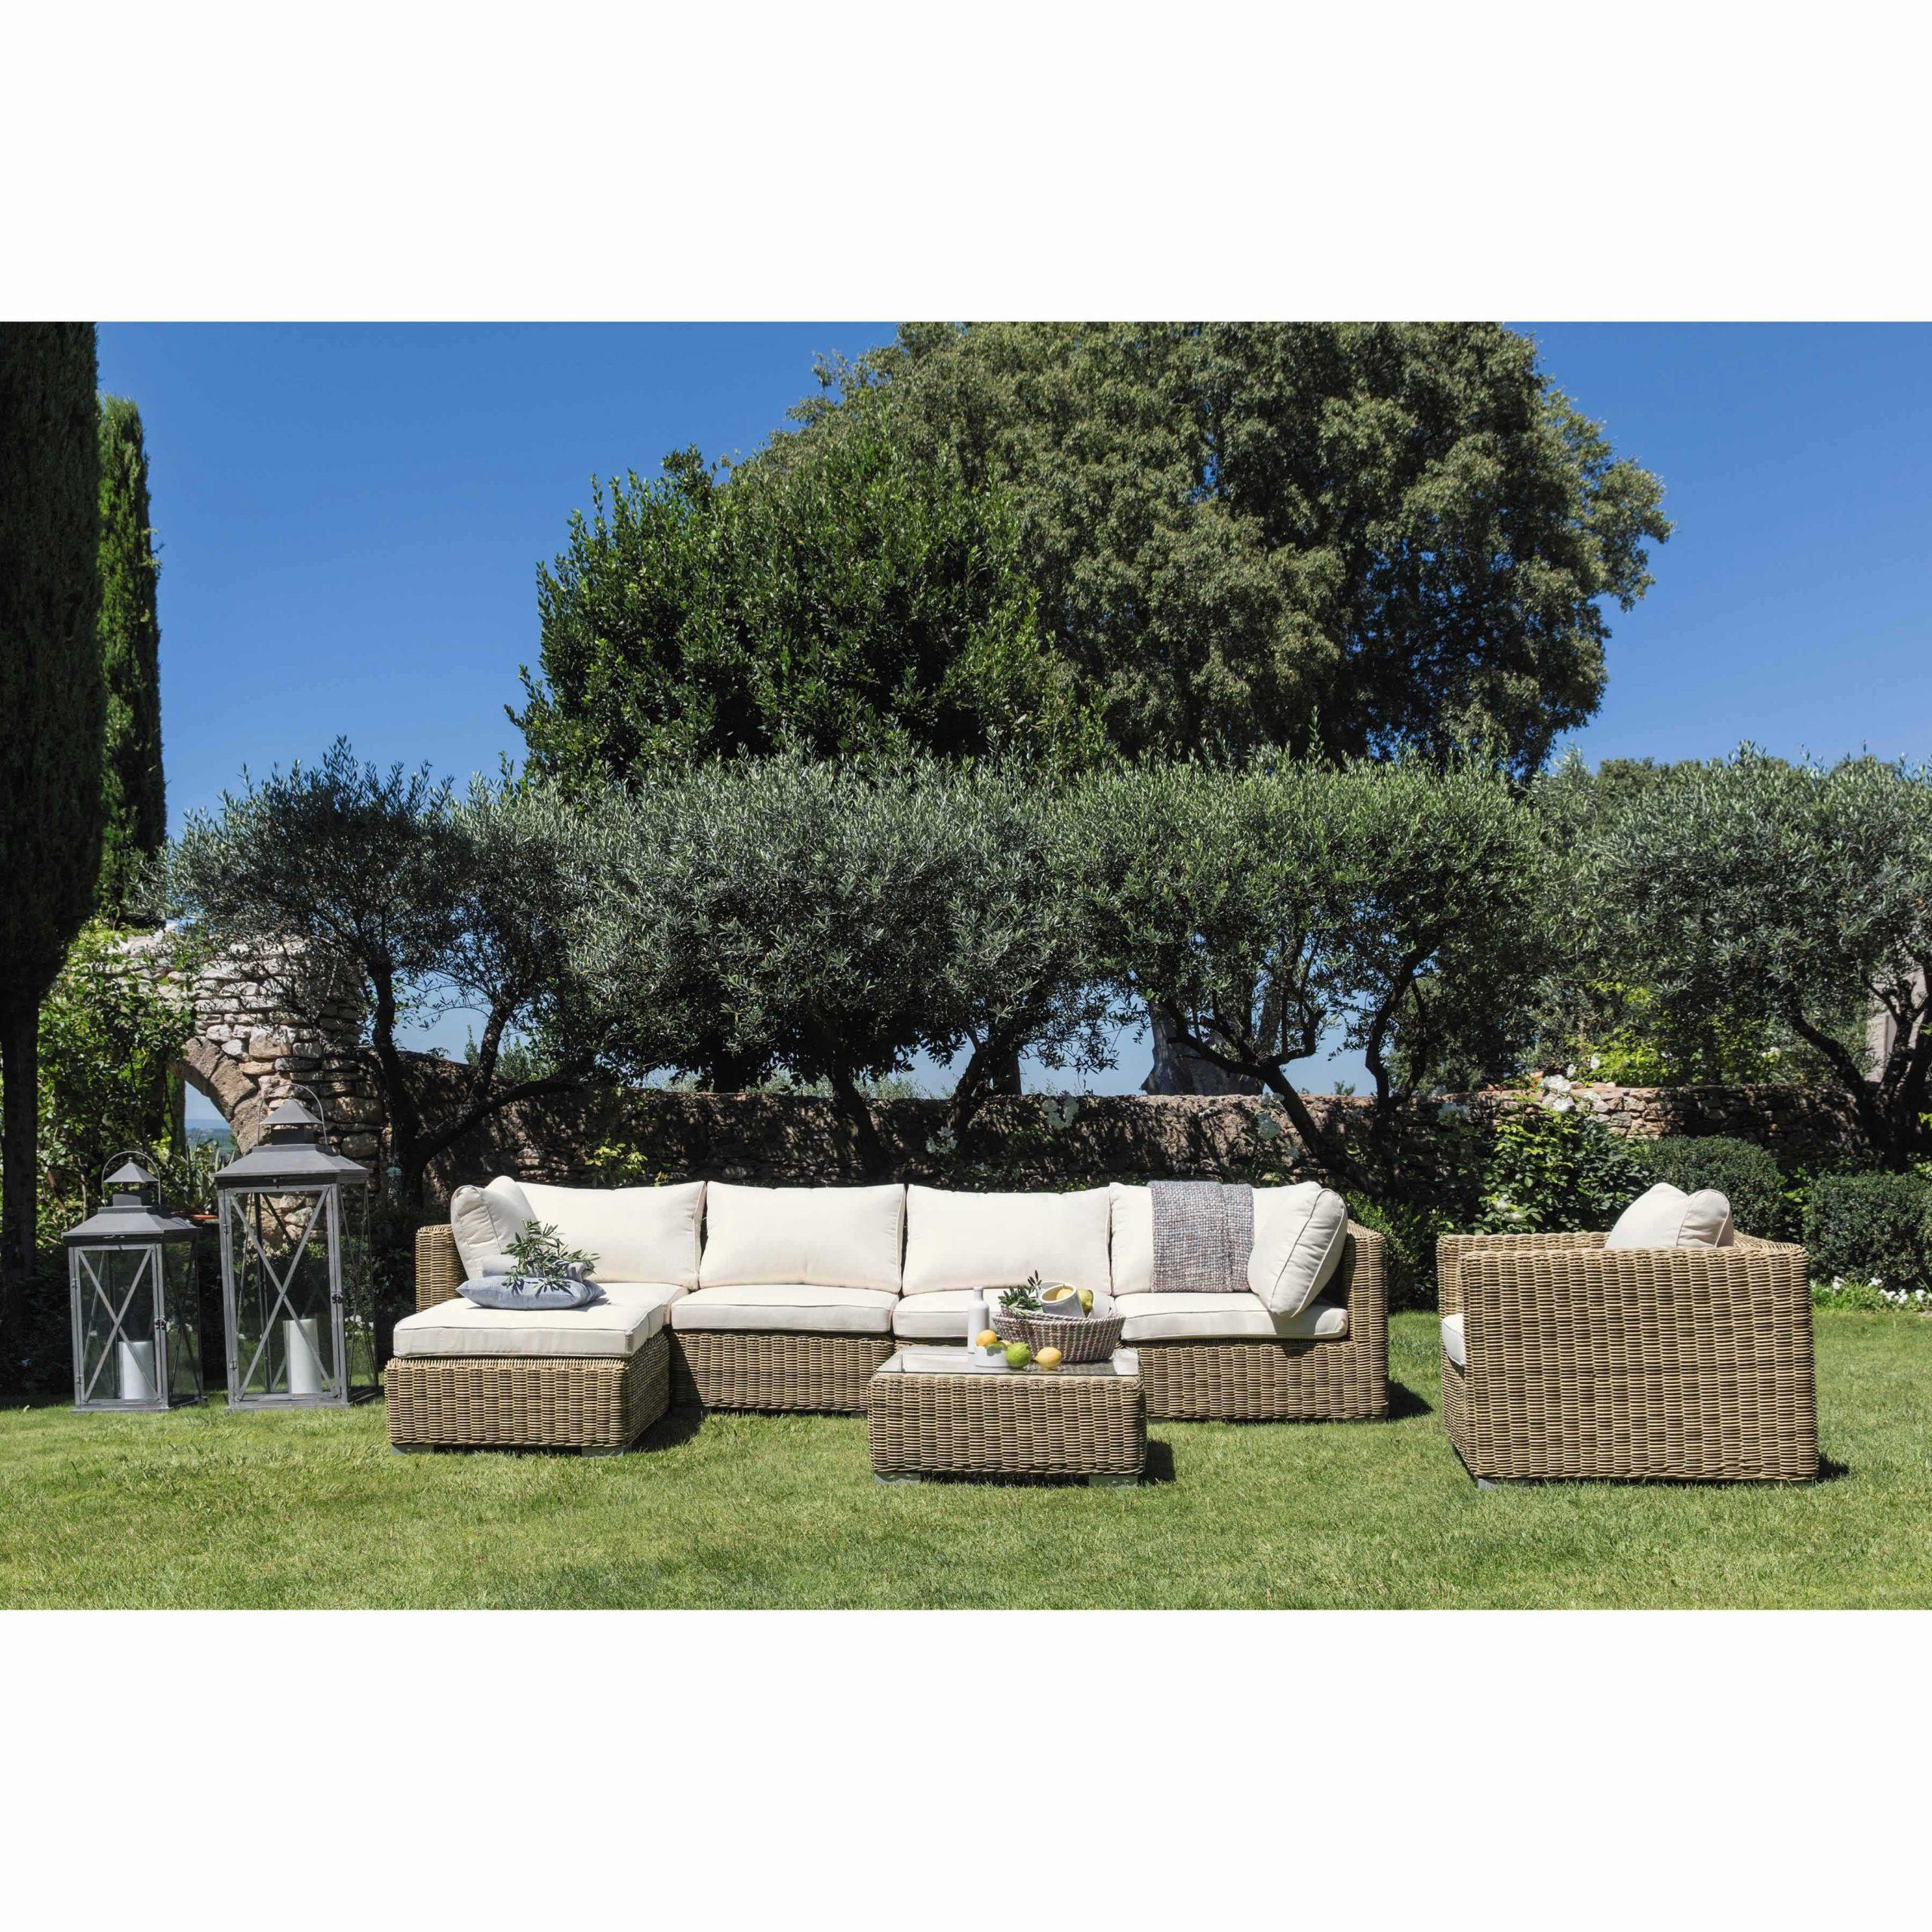 Fauteuil De Jardin En Résine Tressée | Terrasse | Agrément ... pour Salon De Jardin Maison Du Monde